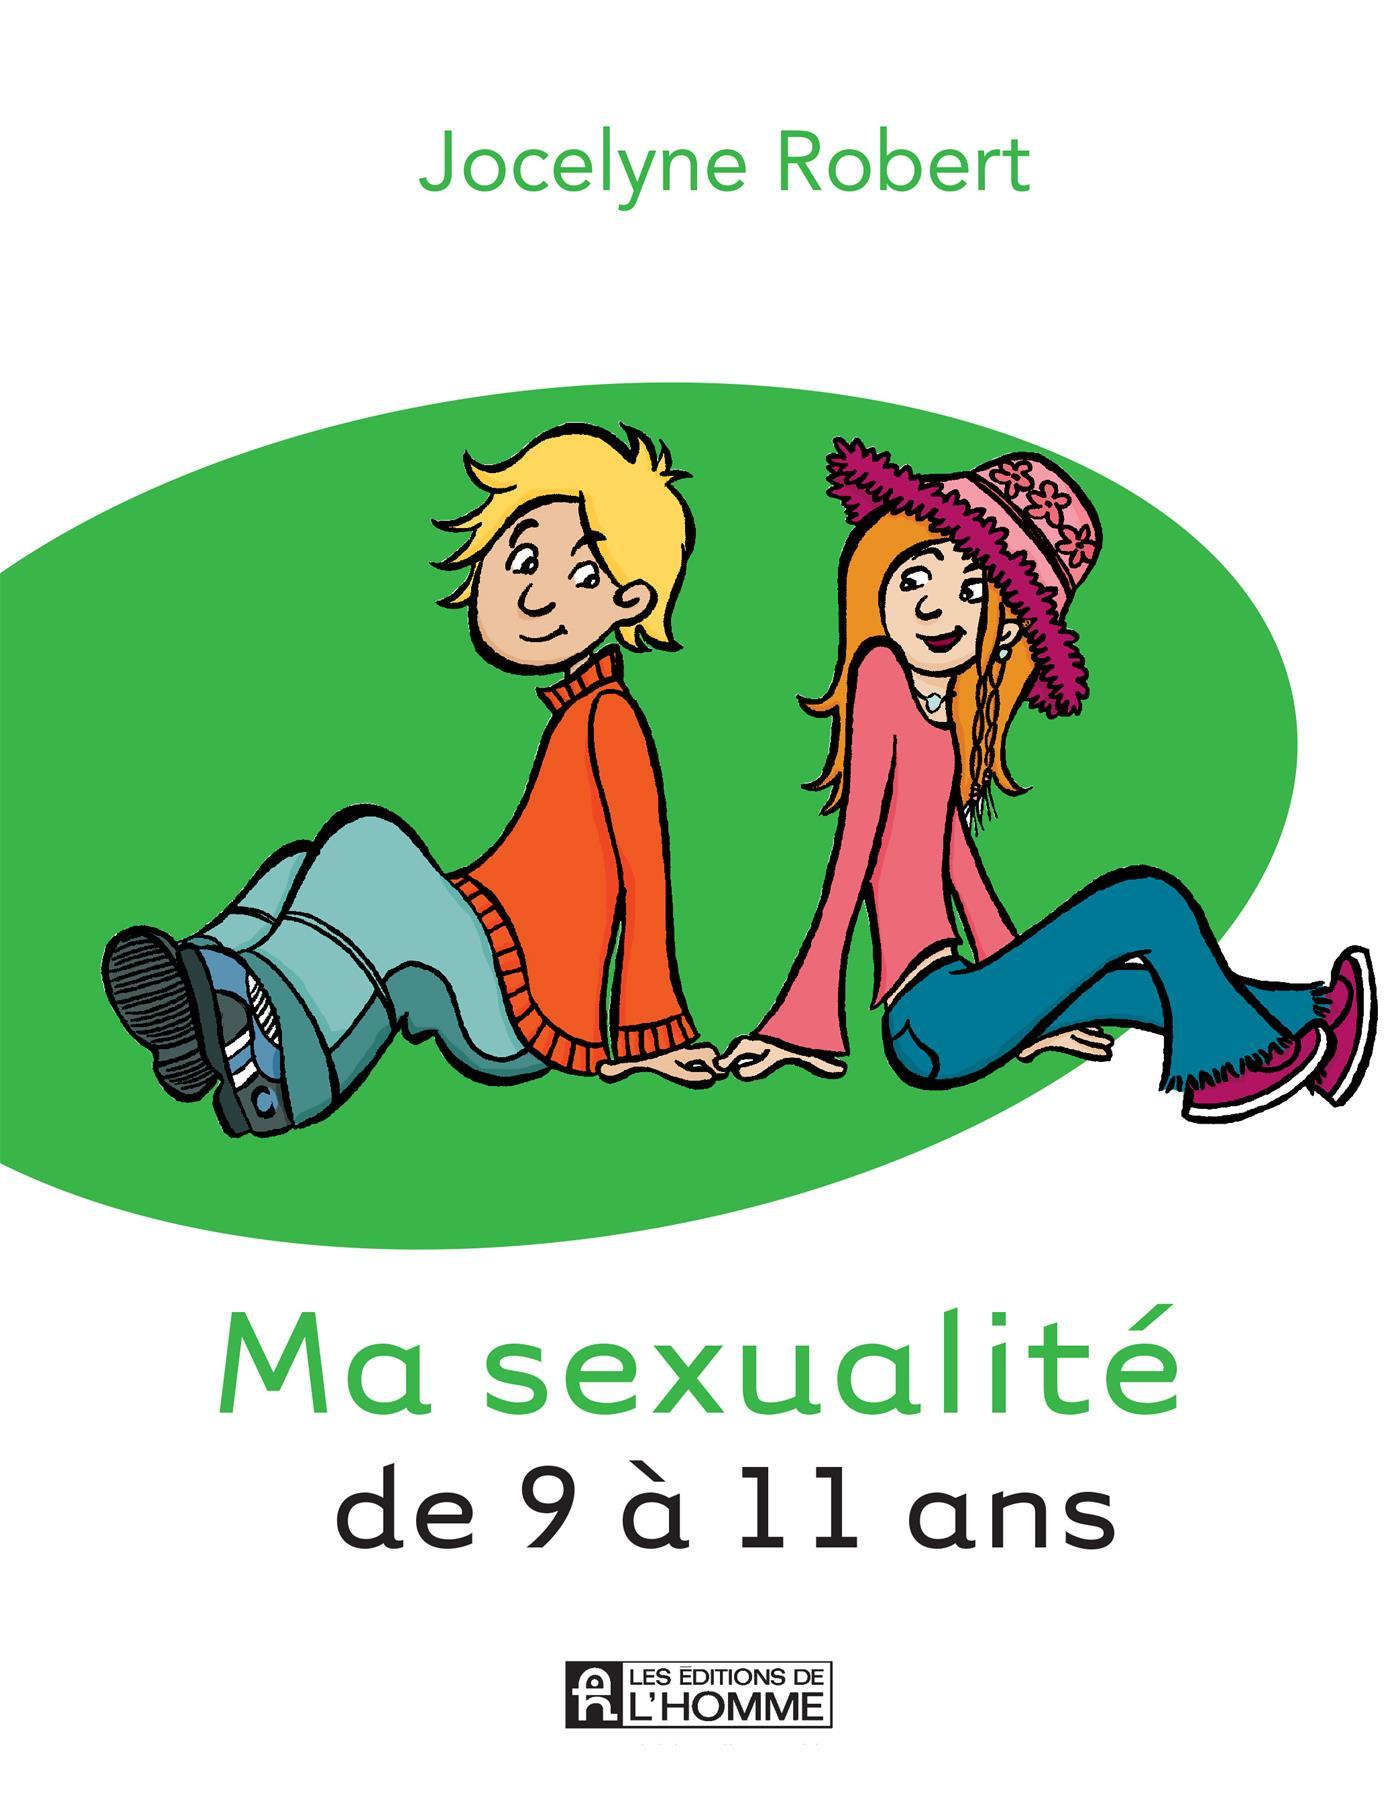 Parler De Sexualite Aux Enfants Avec Les Livres 10 Trucs